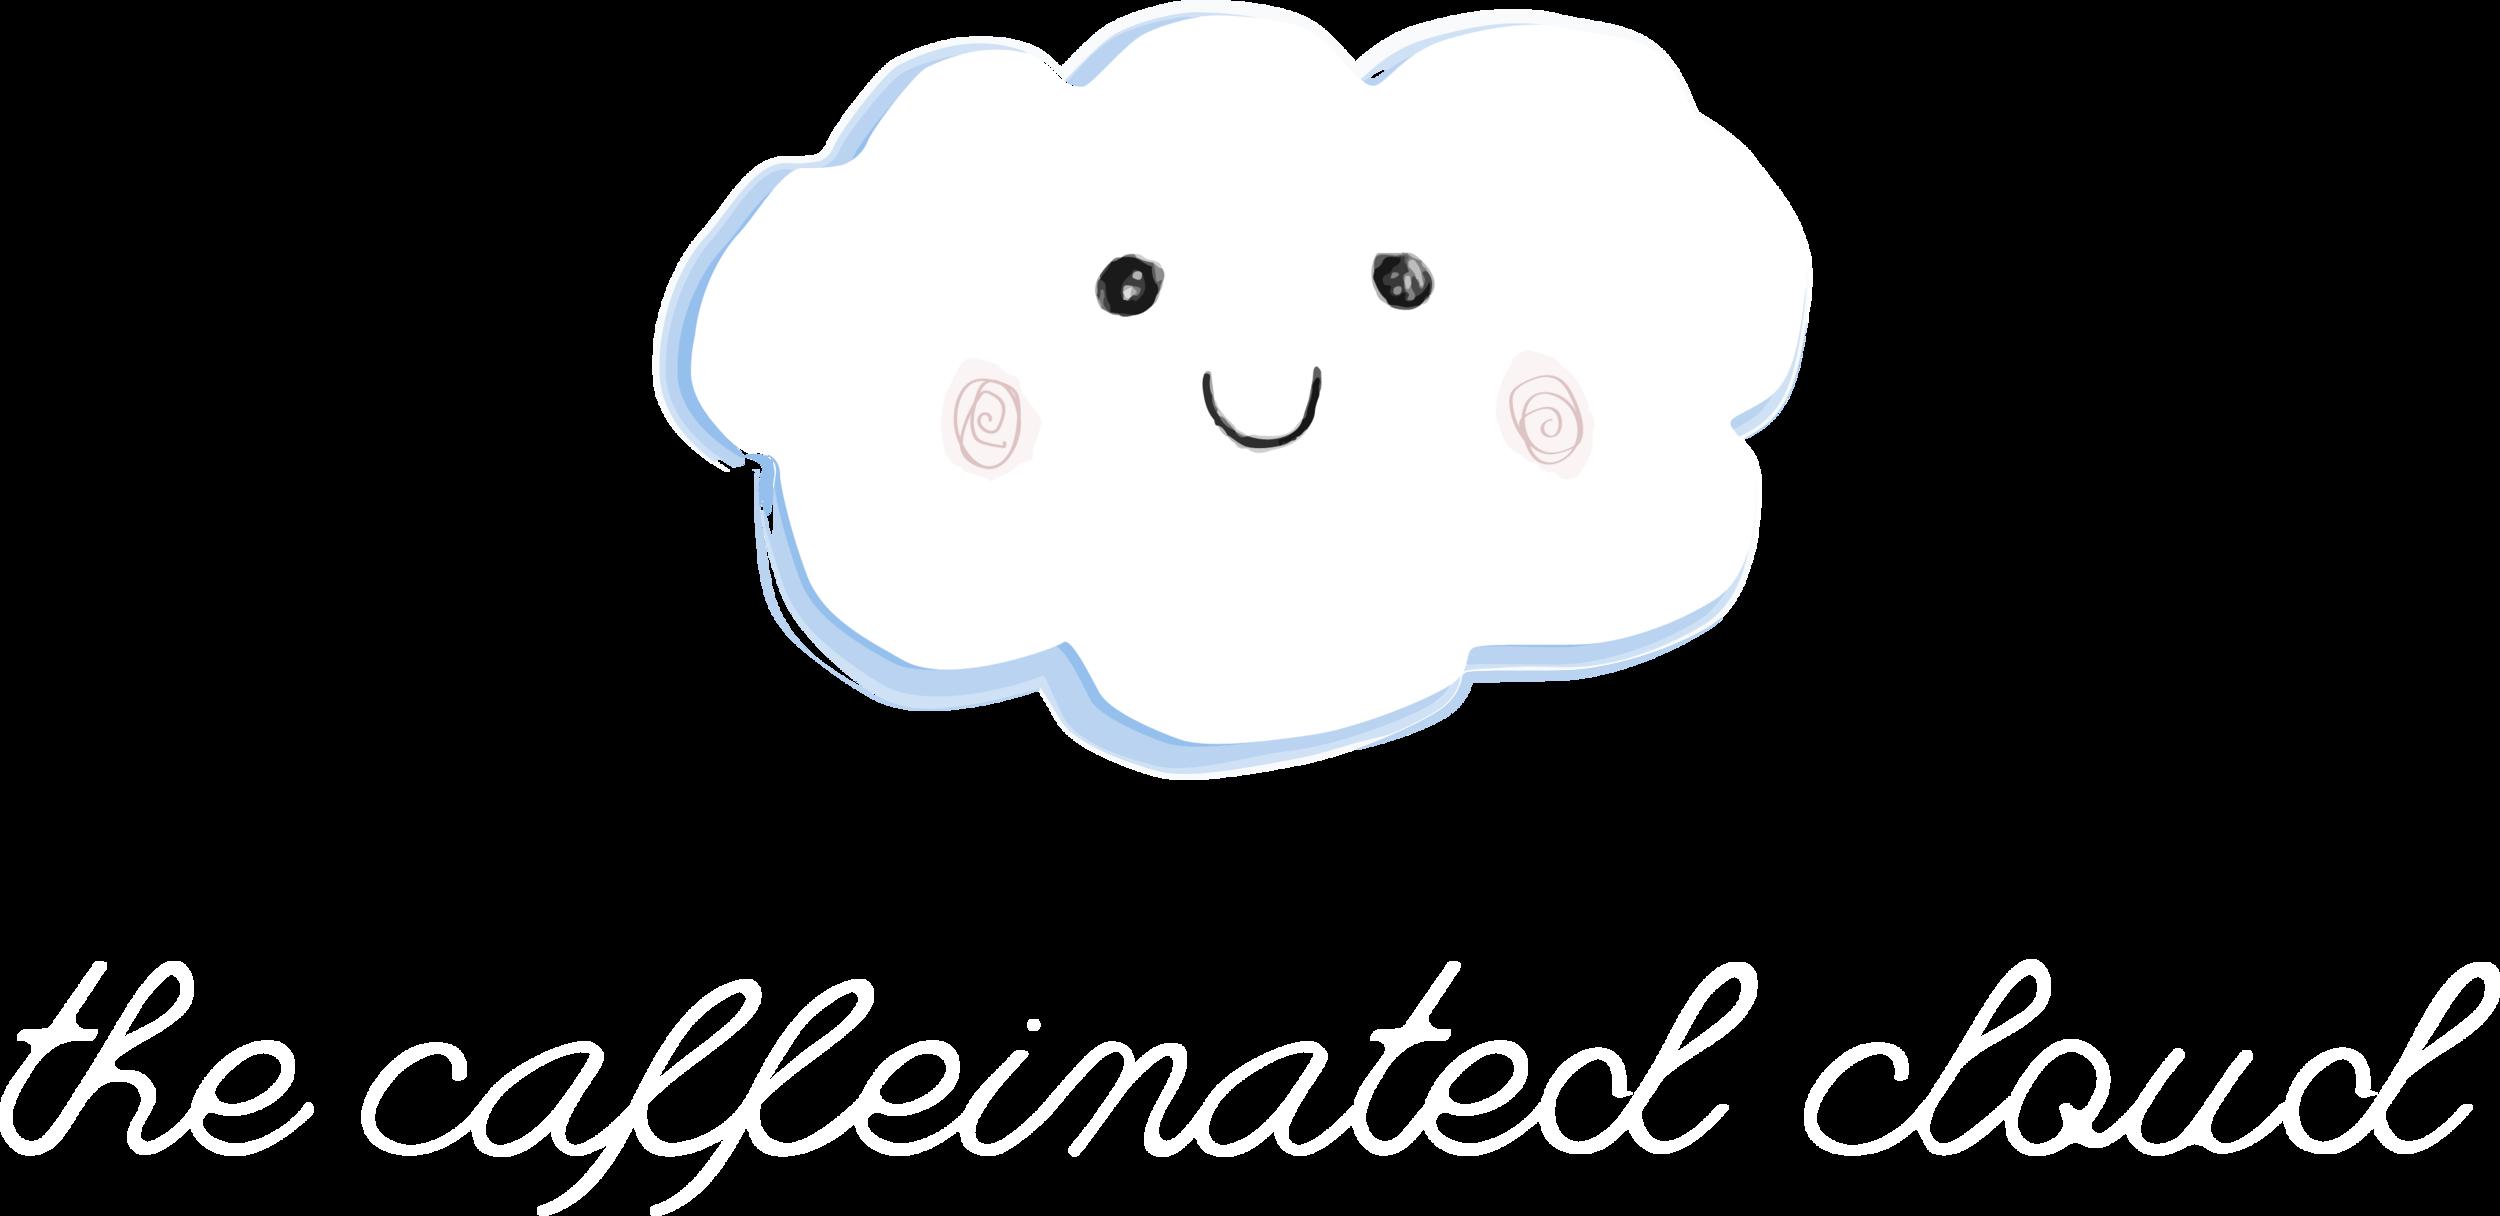 TCC_Logo_06.20.18_White.png